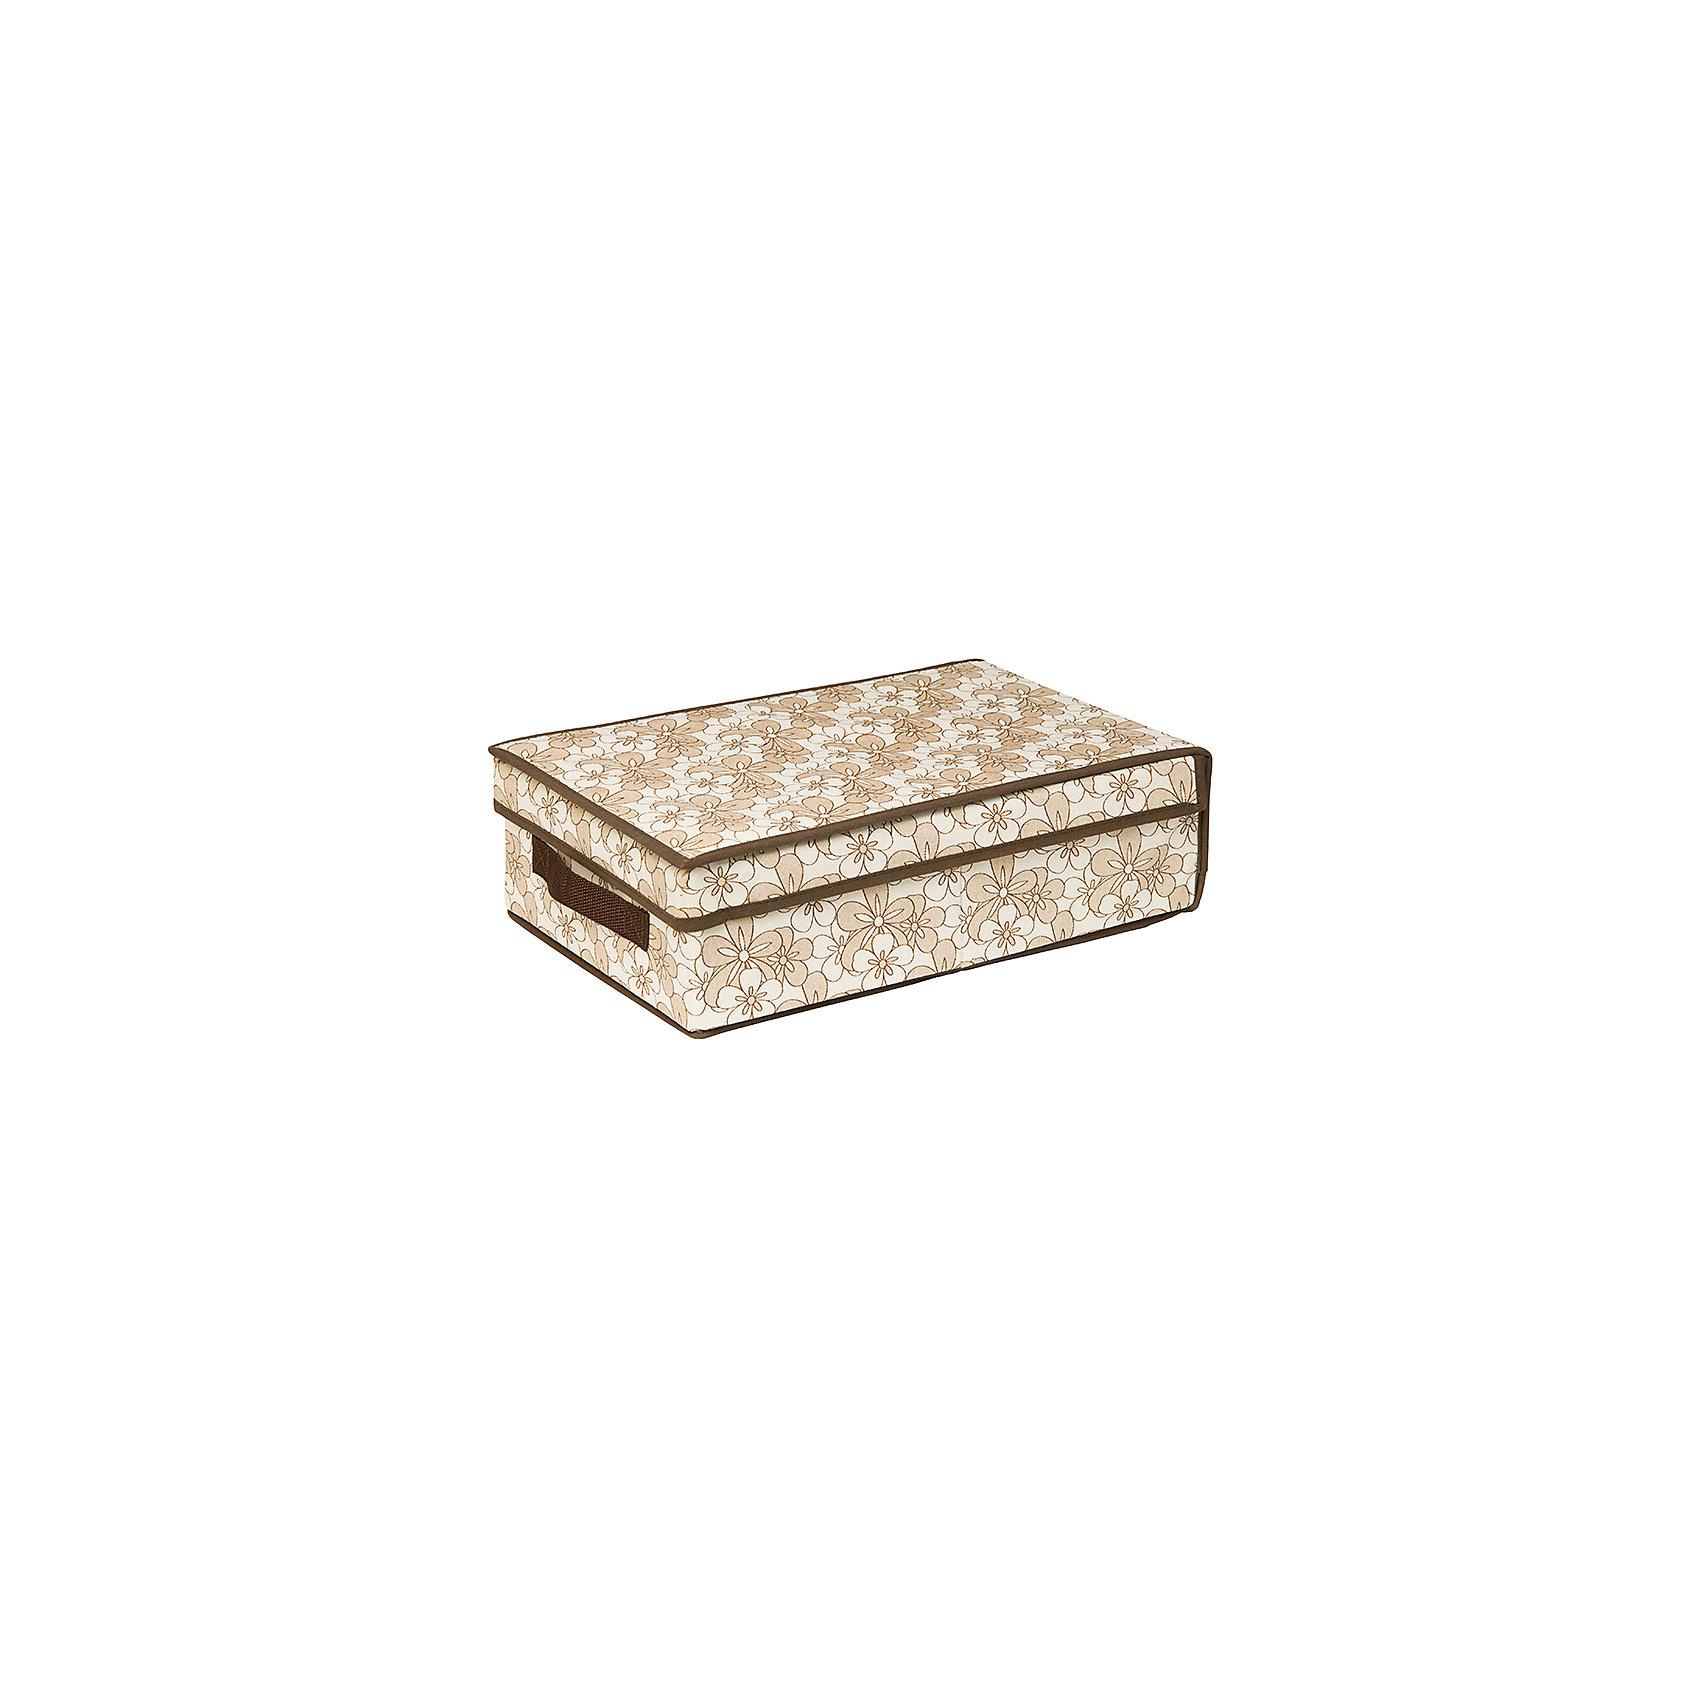 Кофр складной для хранения 27*41*12 см. Цветочное изобилие, EL CasaПорядок в детской<br>Кофр для хранения представляет собой закрывающуюся крышкой коробку жесткой конструкции, благодаря наличию внутри плотных листов картона. Специально предназначен для защиты Вашей одежды от воздействия негативных внешних факторов: влаги и сырости, моли, выгорания,  грязи. Позволит организовать хранение перчаток, ремней, шарфов. Имеет  ручку  для переноски.<br><br>Ширина мм: 415<br>Глубина мм: 270<br>Высота мм: 20<br>Вес г: 563<br>Возраст от месяцев: 0<br>Возраст до месяцев: 1188<br>Пол: Унисекс<br>Возраст: Детский<br>SKU: 6668751